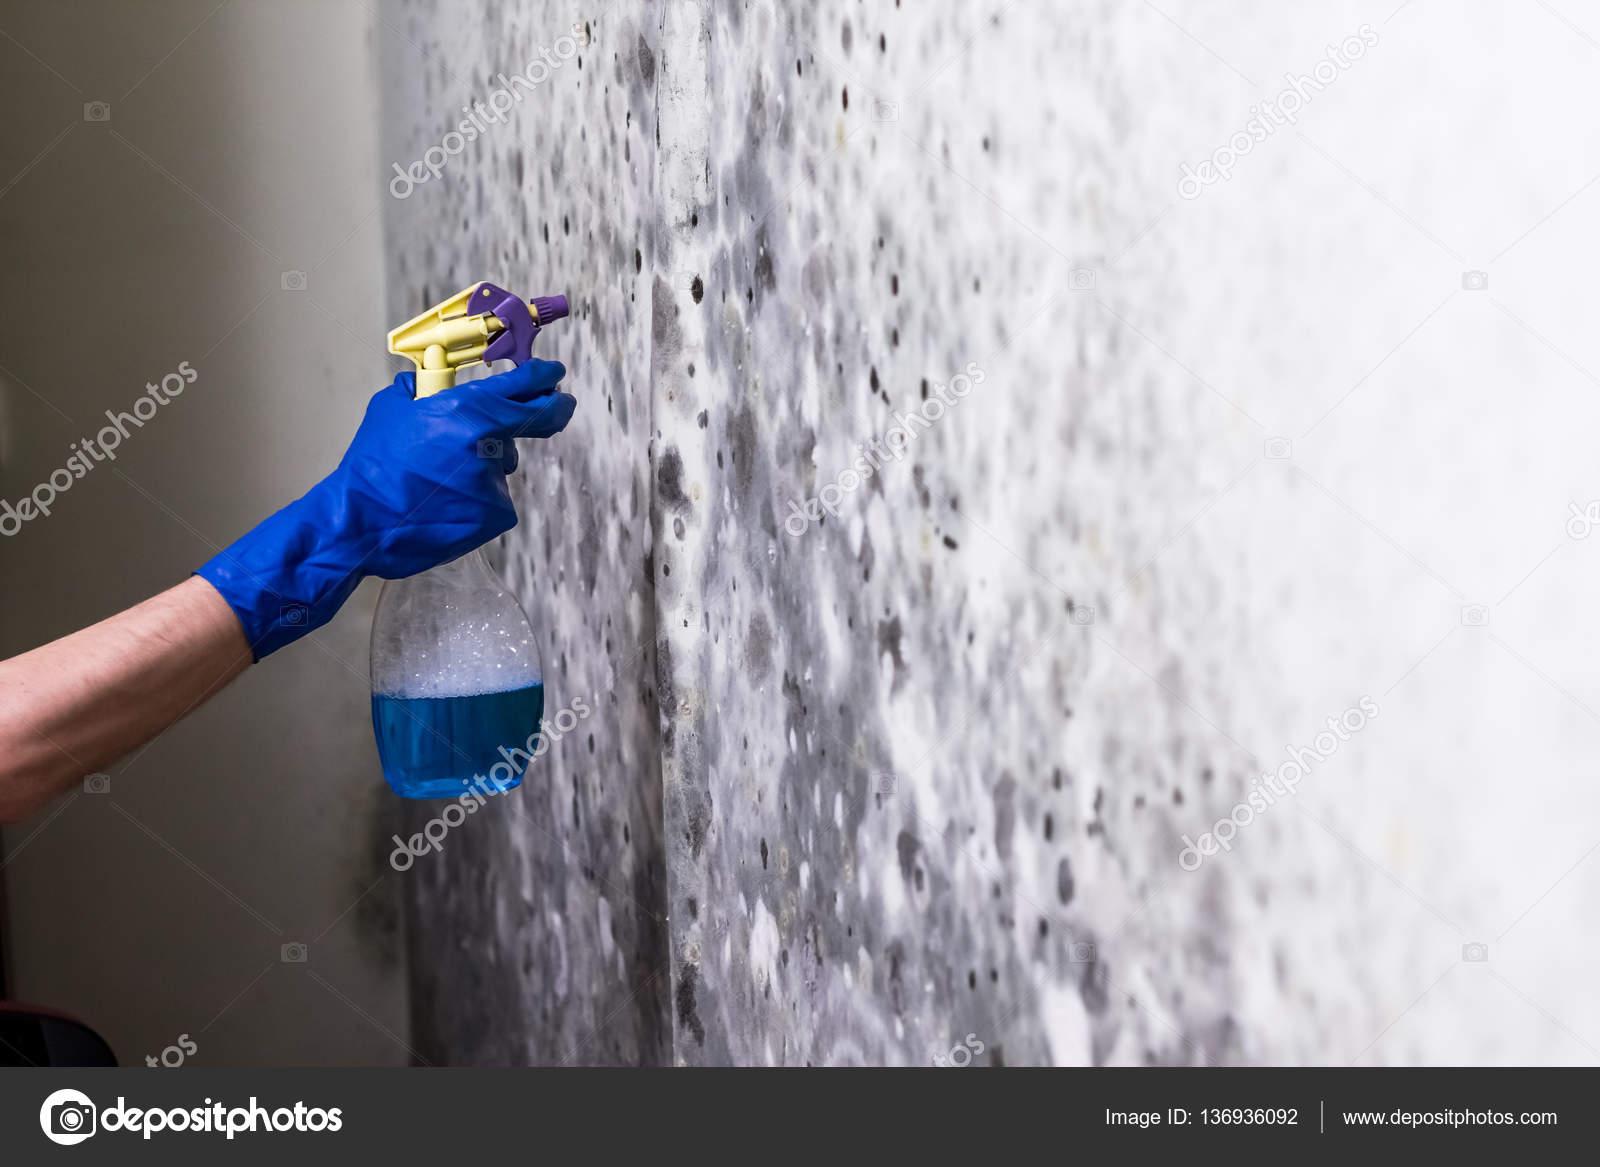 Schimmel Verwijderen Muur : Verwijderen van schimmel op de muur in de kamer u stockfoto